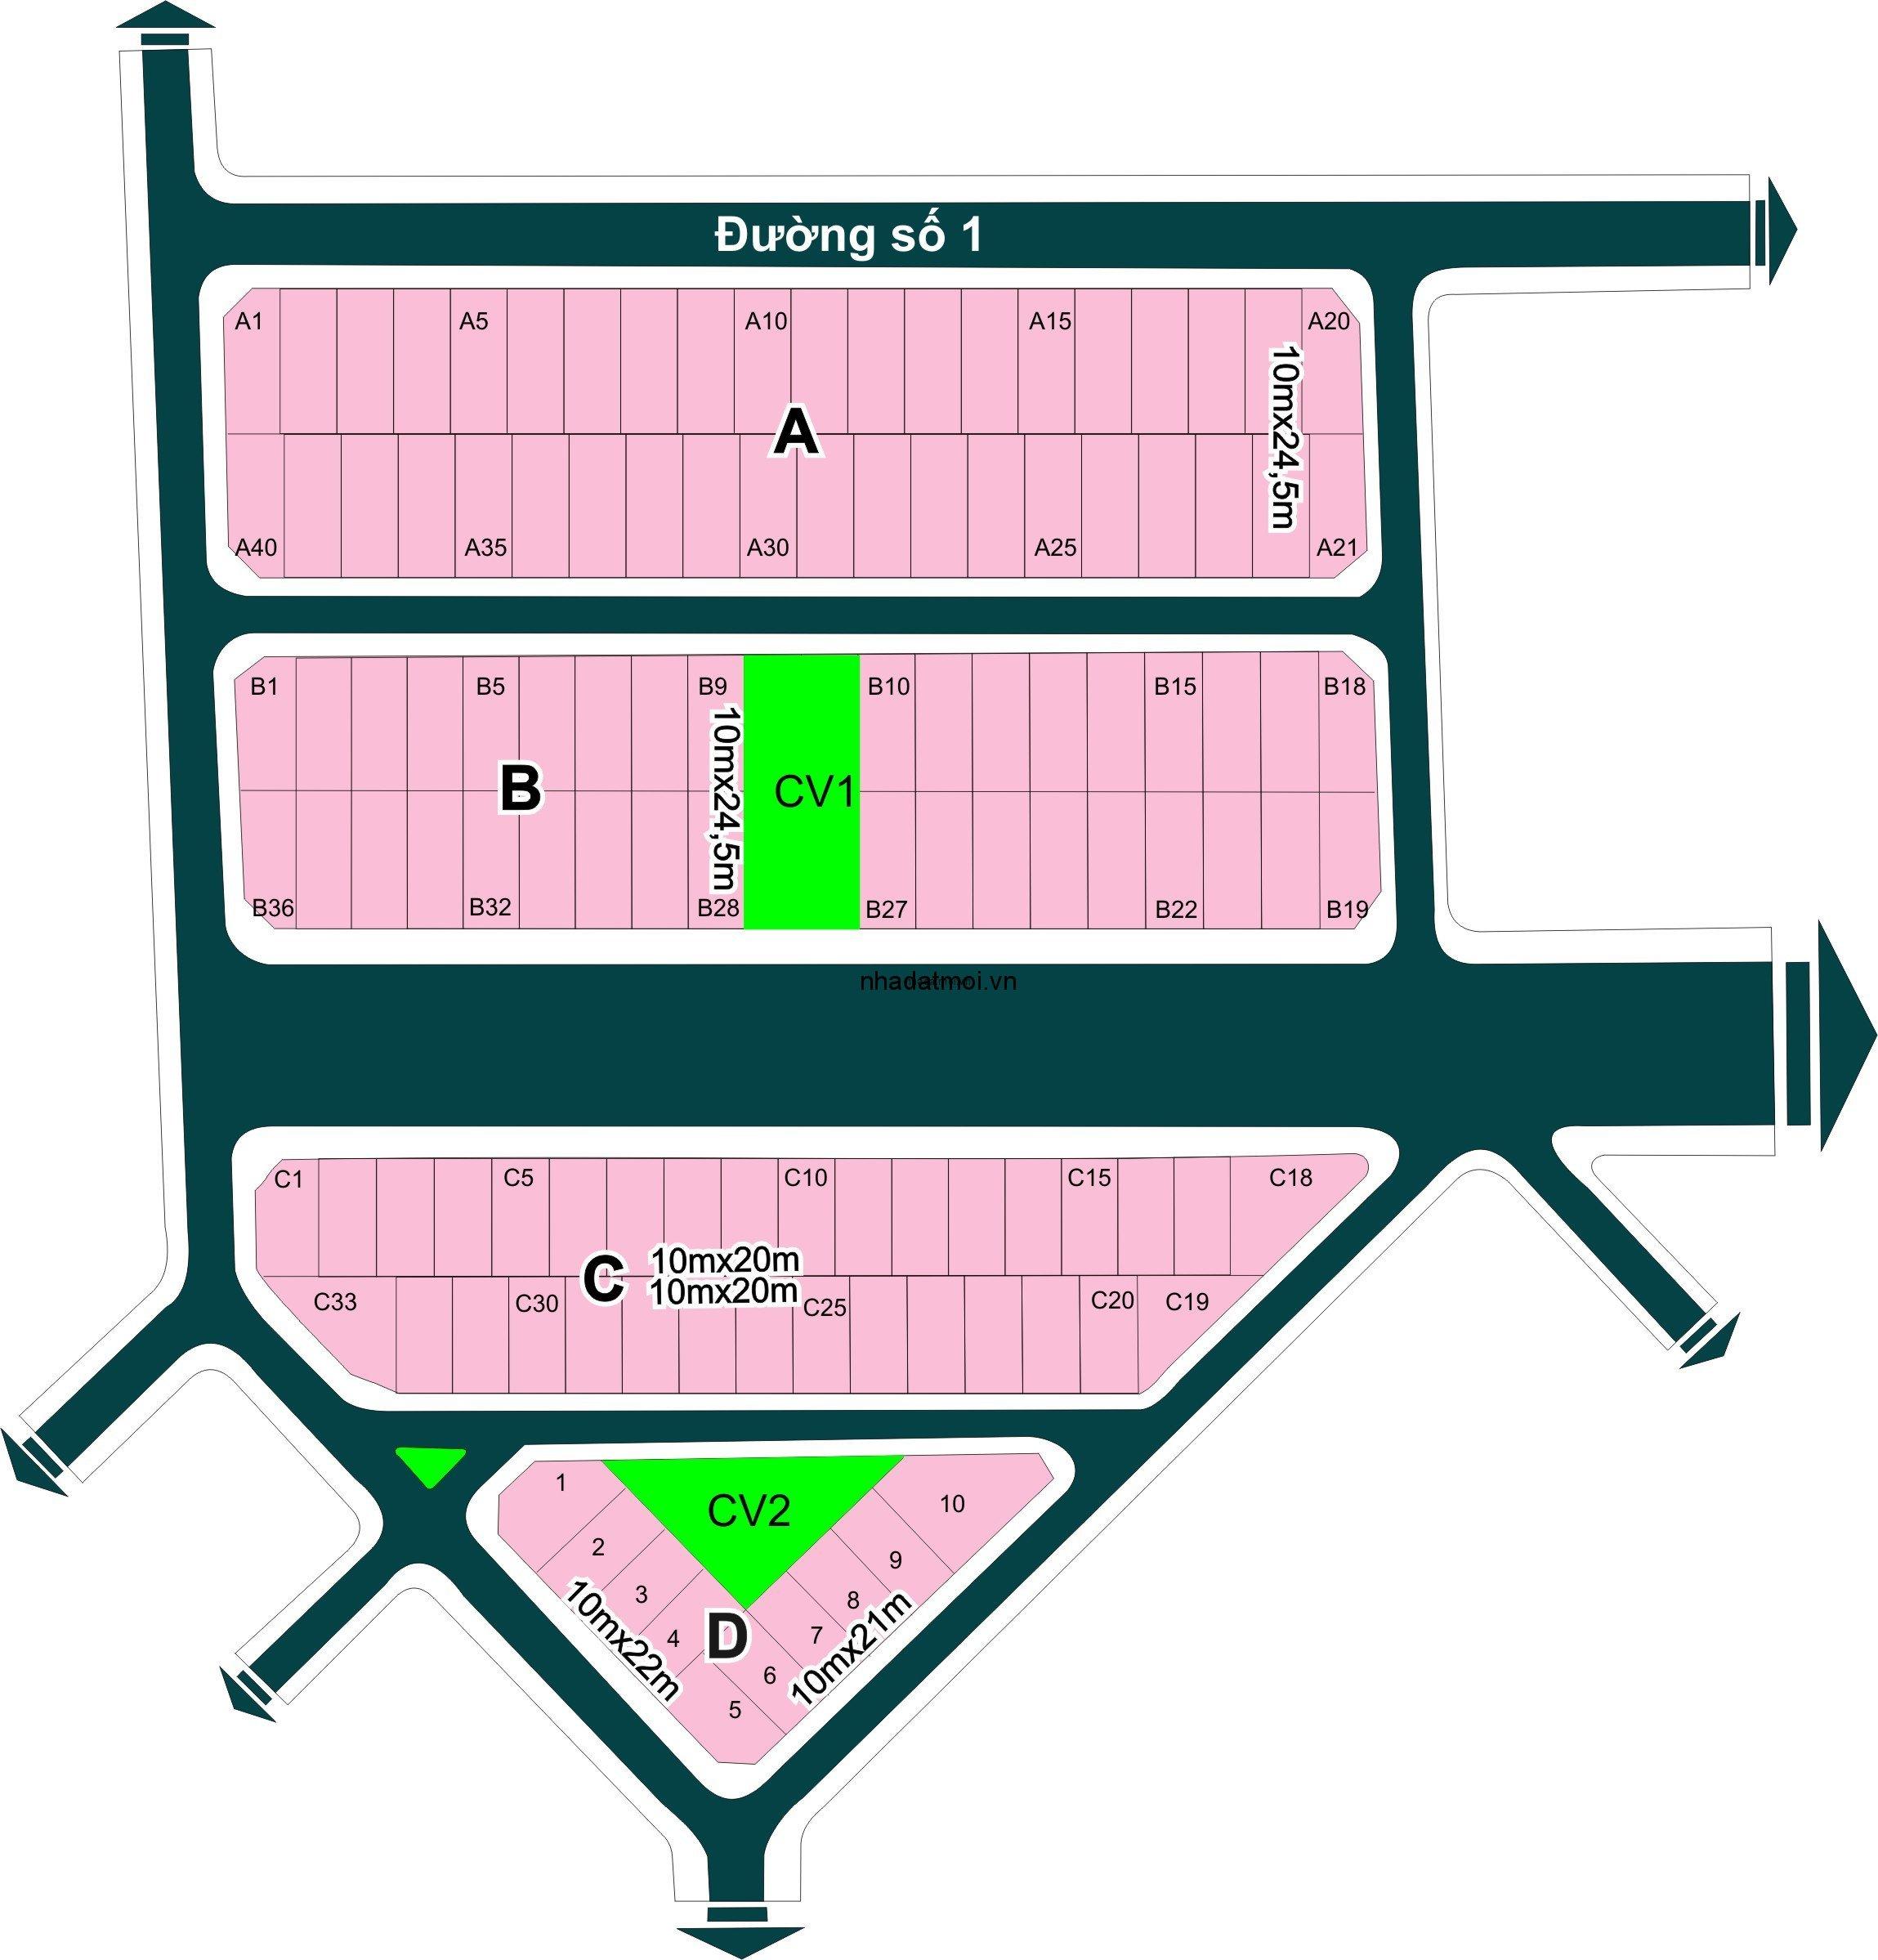 Dự án Thái Sơn trong khu 154 ha Khu dân cư Bình Trưng Đông - Cát Lái Quận 2